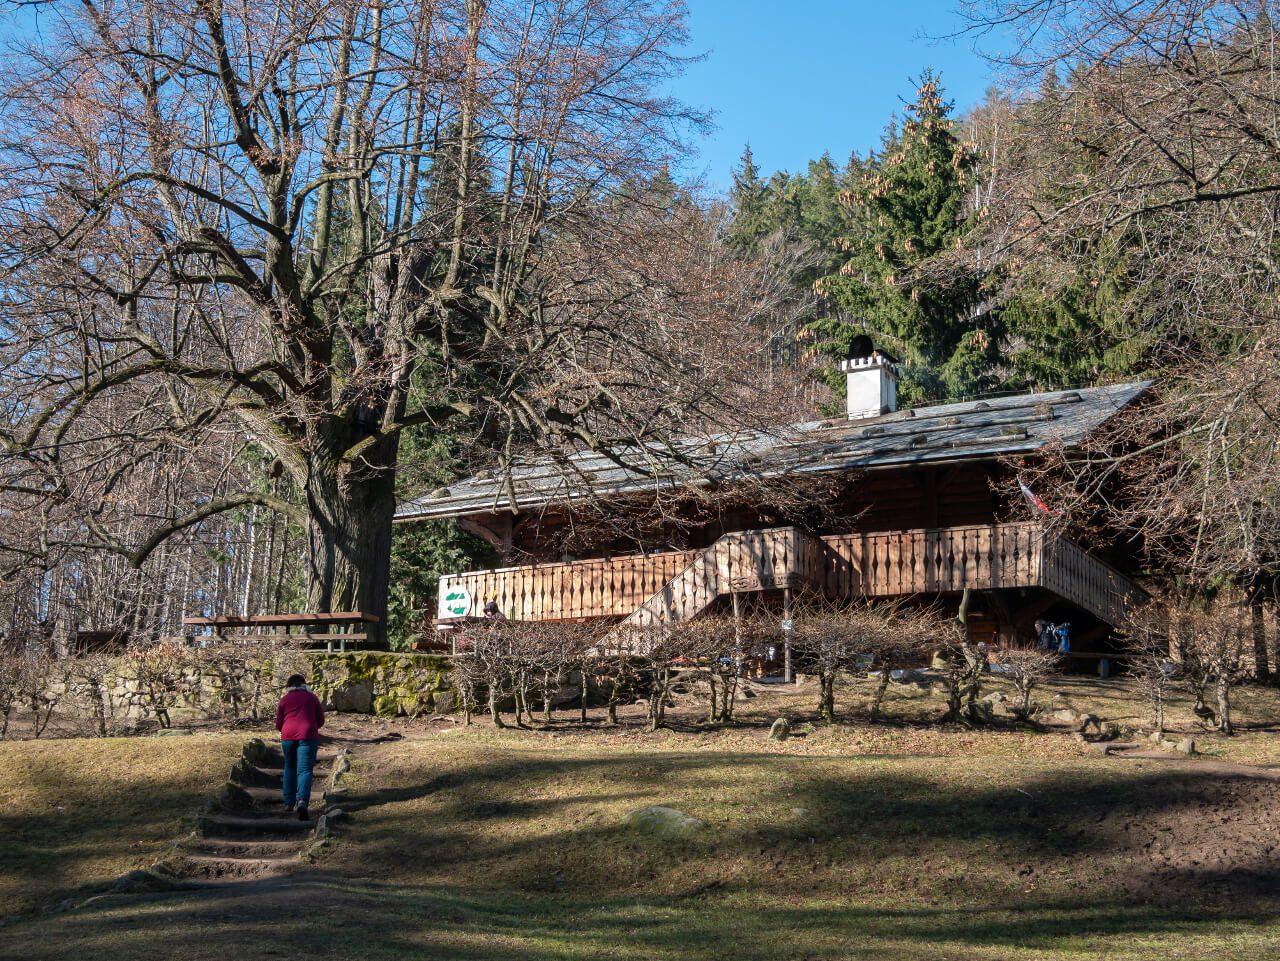 Schronisko PTTK Szwajcarka Góry Sokole